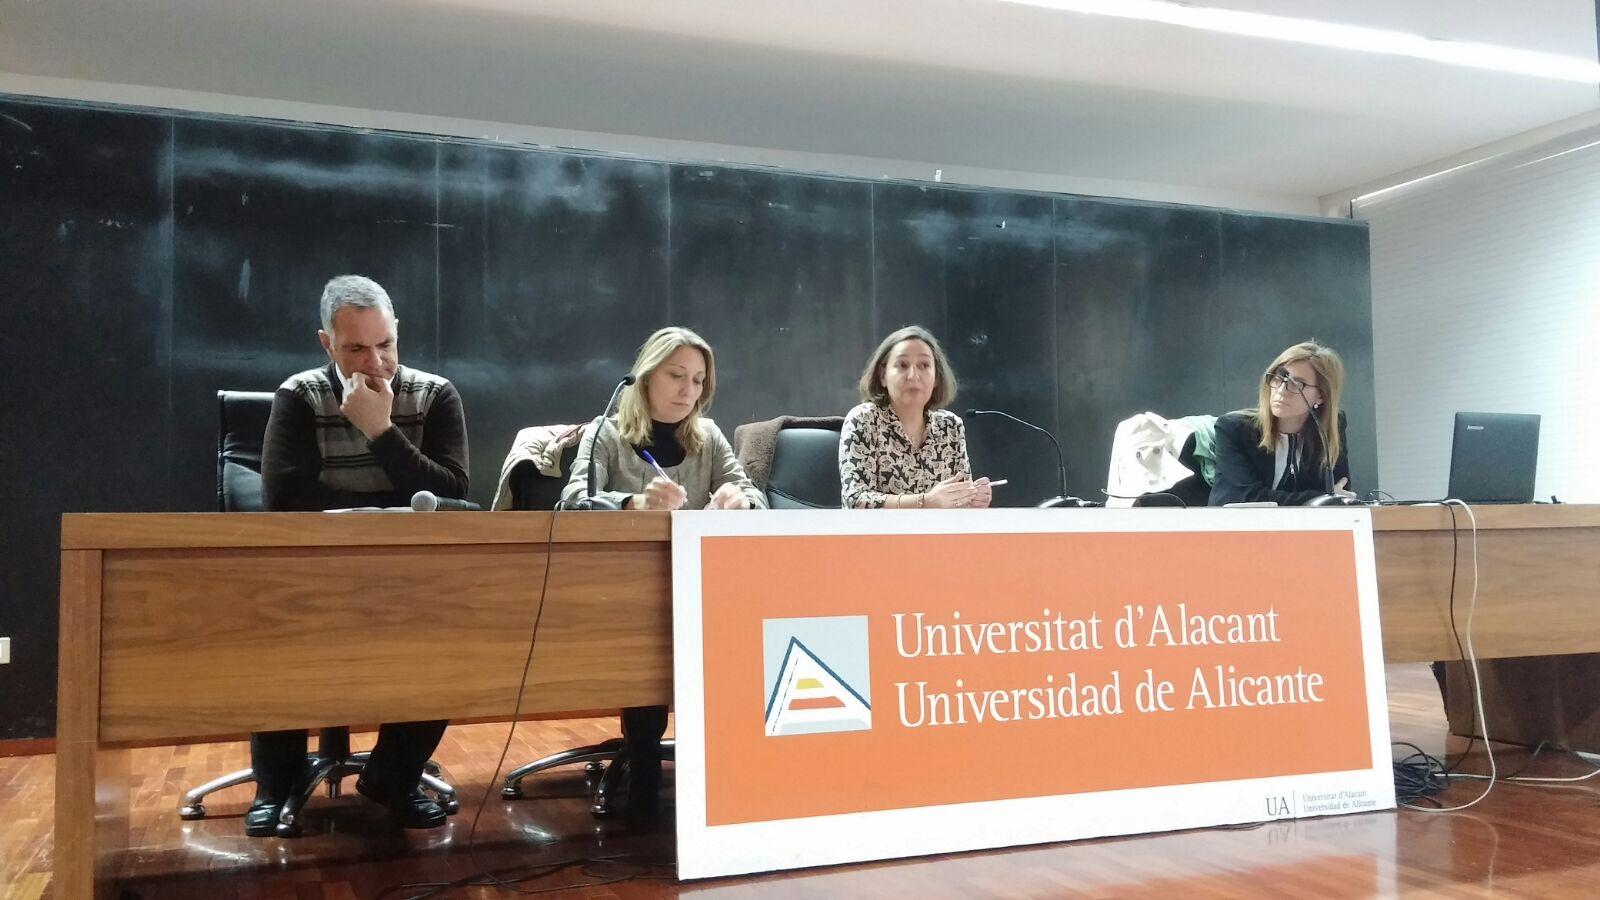 Agricultura destaca el potencial de Alicante en producción ecológica para diferenciar su oferta turística y gastronómica